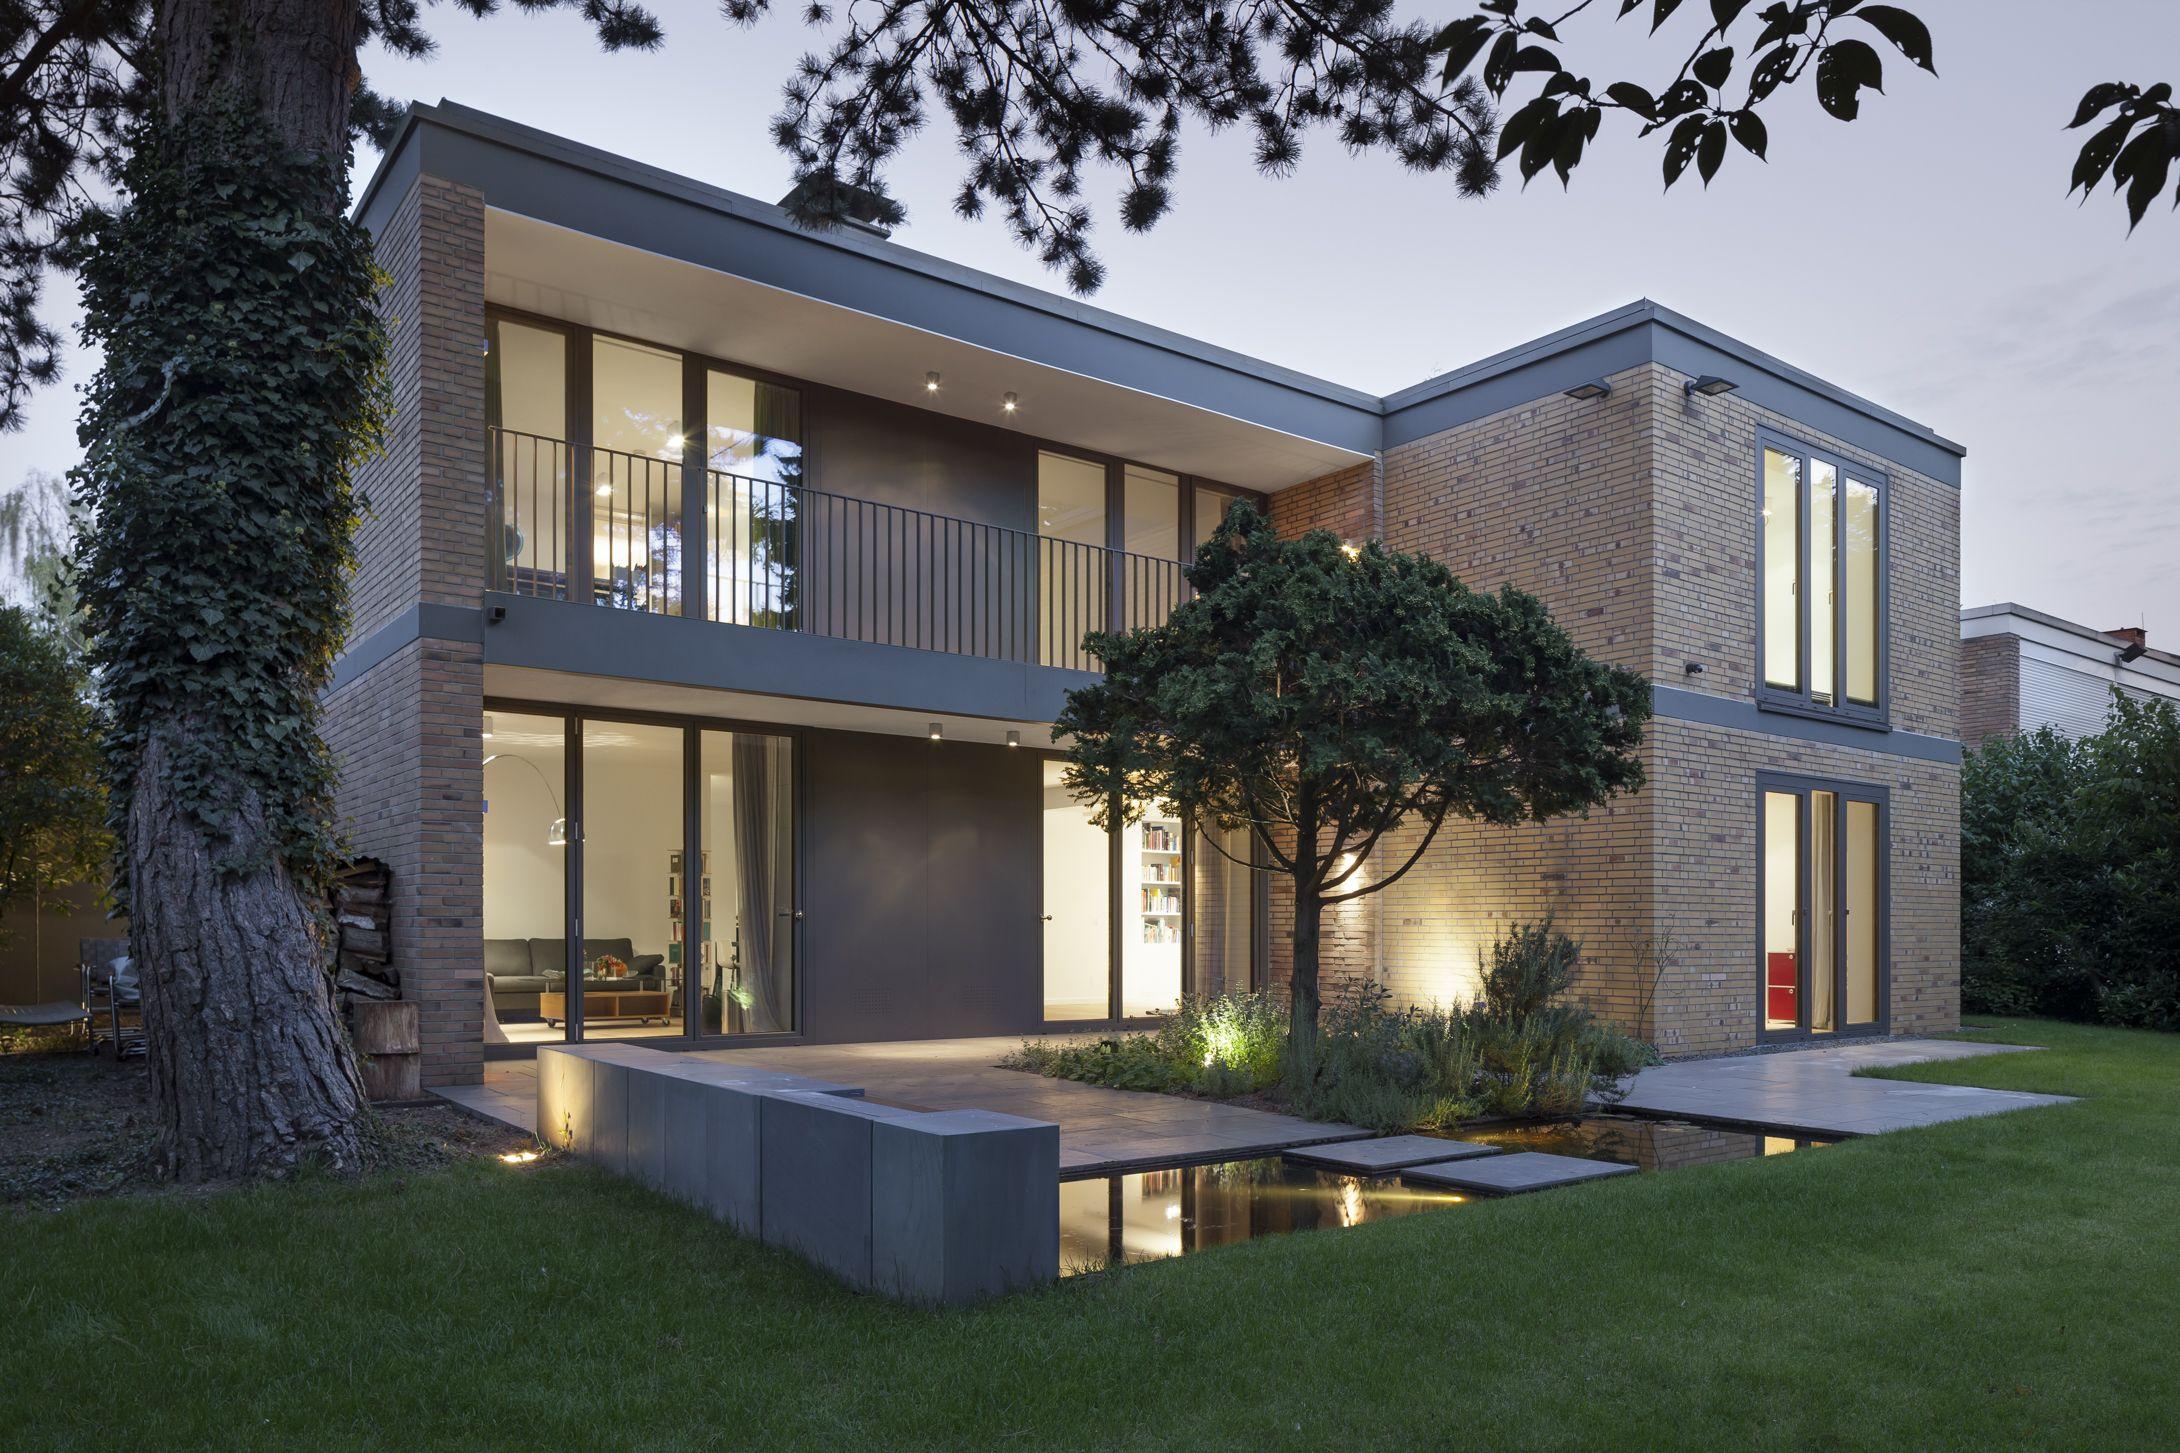 Moderne Gartengestaltung An Einem 1 Familienhaus. Exclusiv Und Wunderschön  Beleuchtet. Wasserbecken Mit Wasserspiel Und